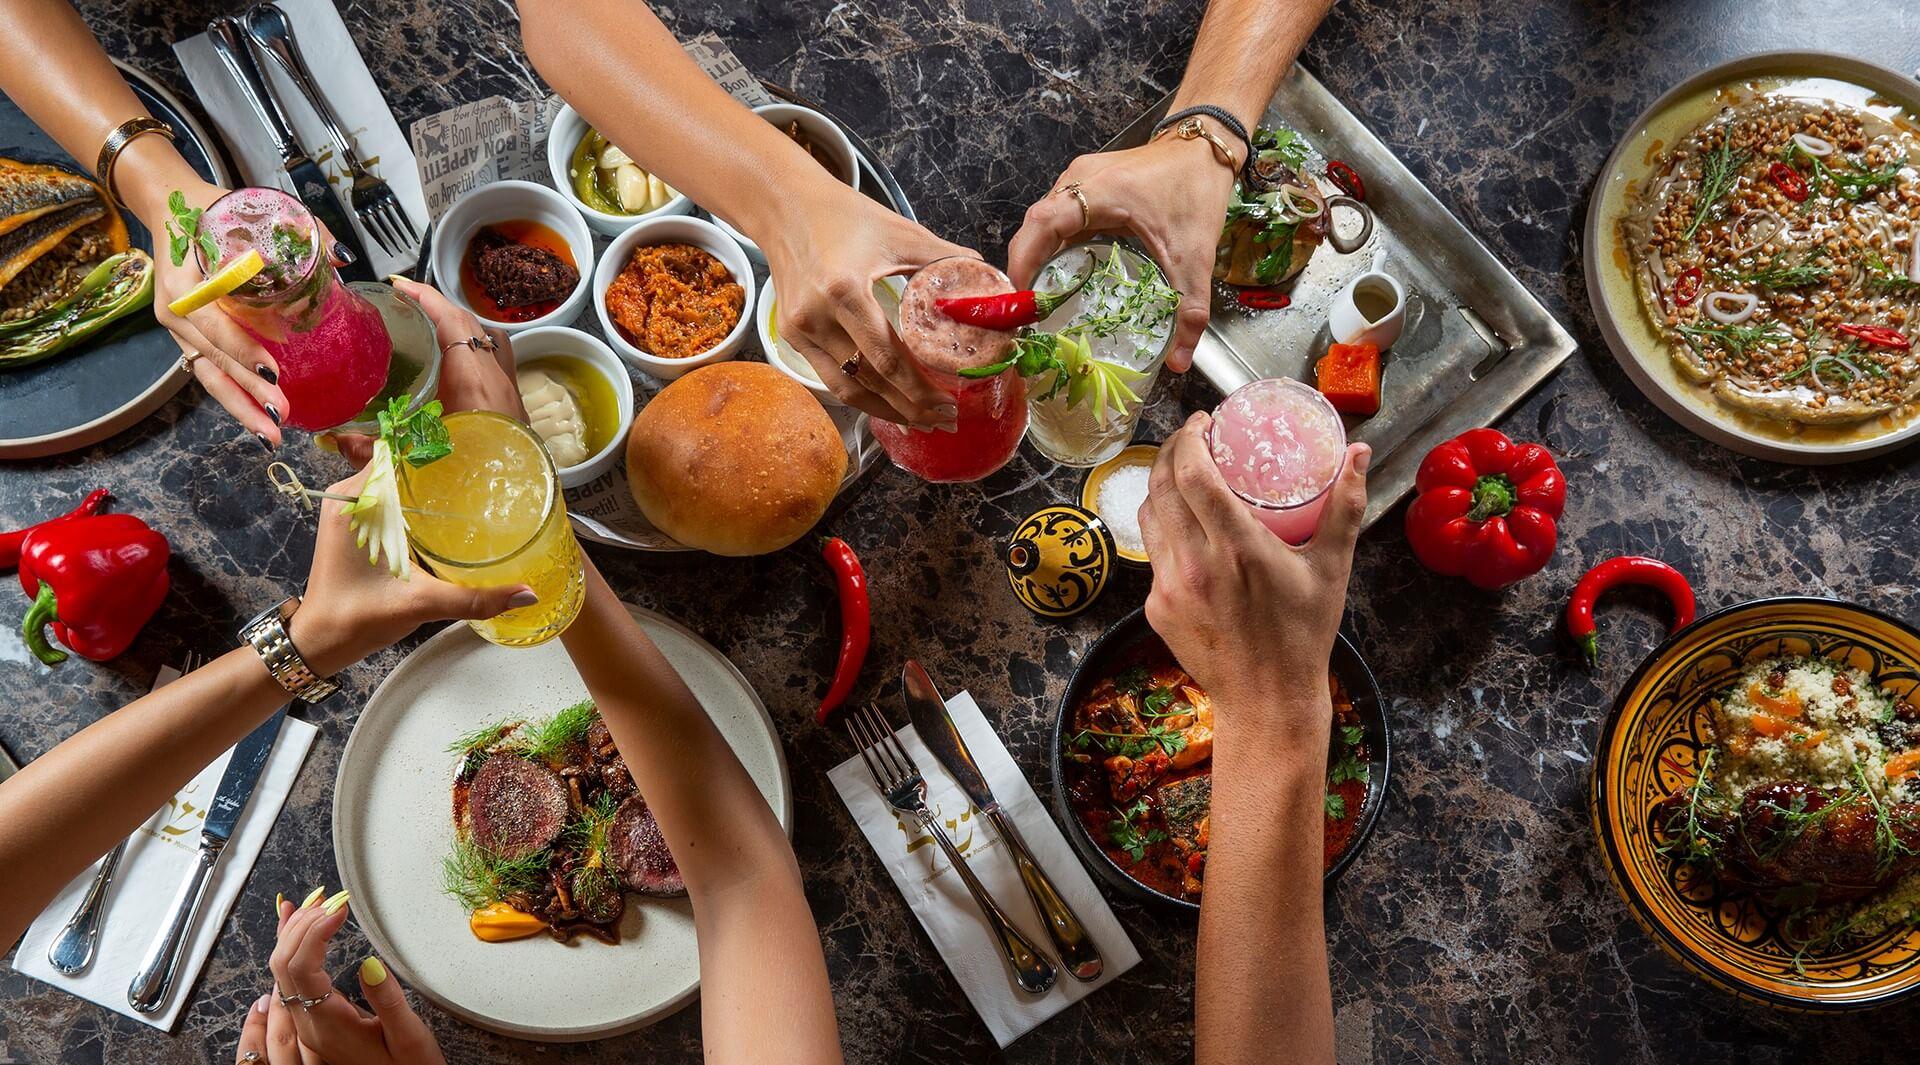 מסעדות לאירועים קטנים באשקלון